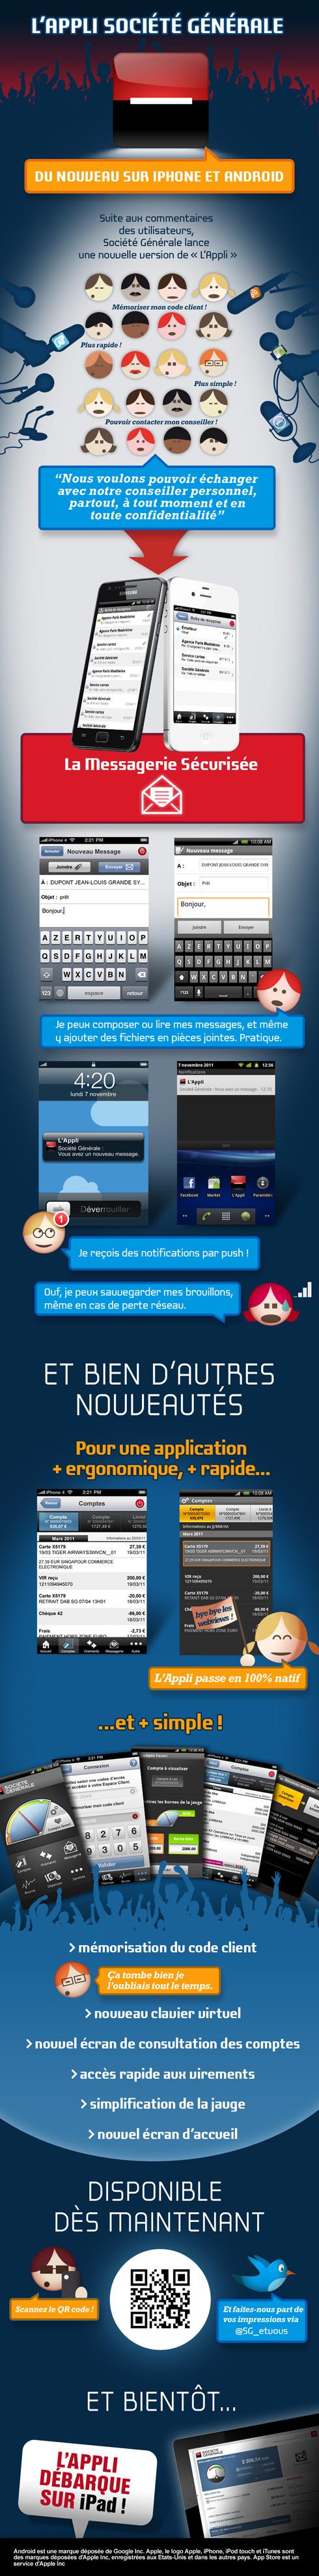 Infographie sur l'Appli Société Générale